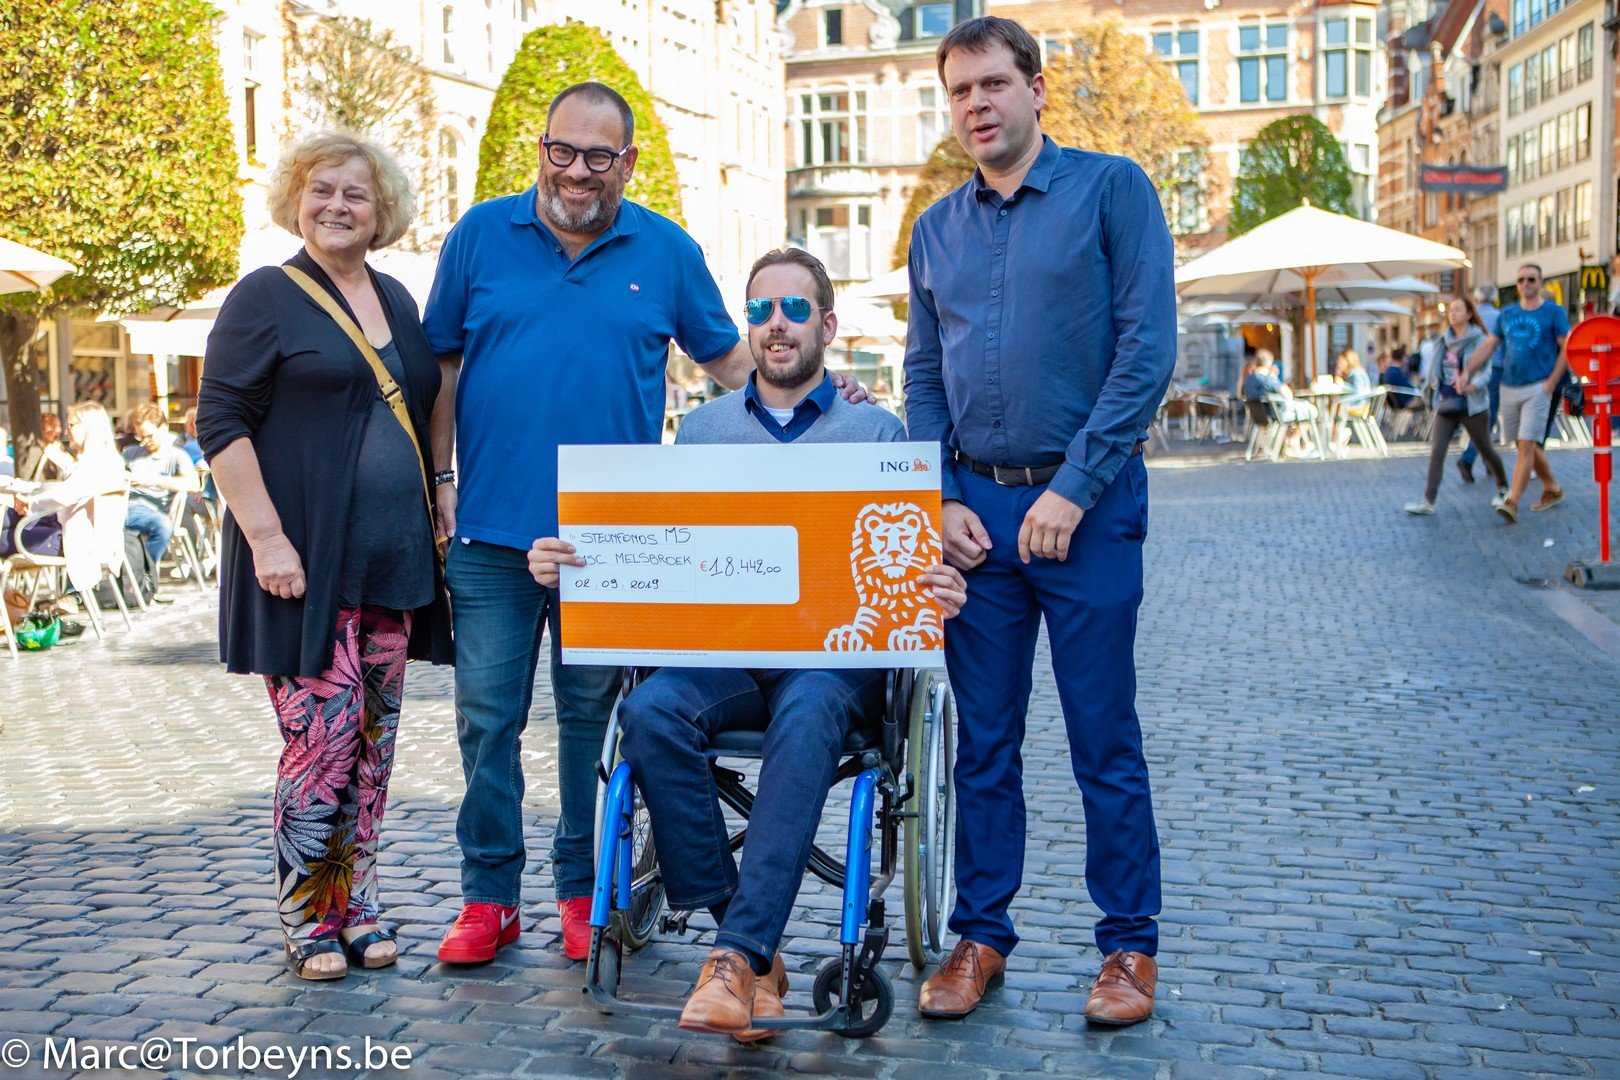 3de 'Leive Vloms' haalde meer dan 18.000 euro op voor strijd tegen MS. - Leive Vloms opgehaald bedrag 2019